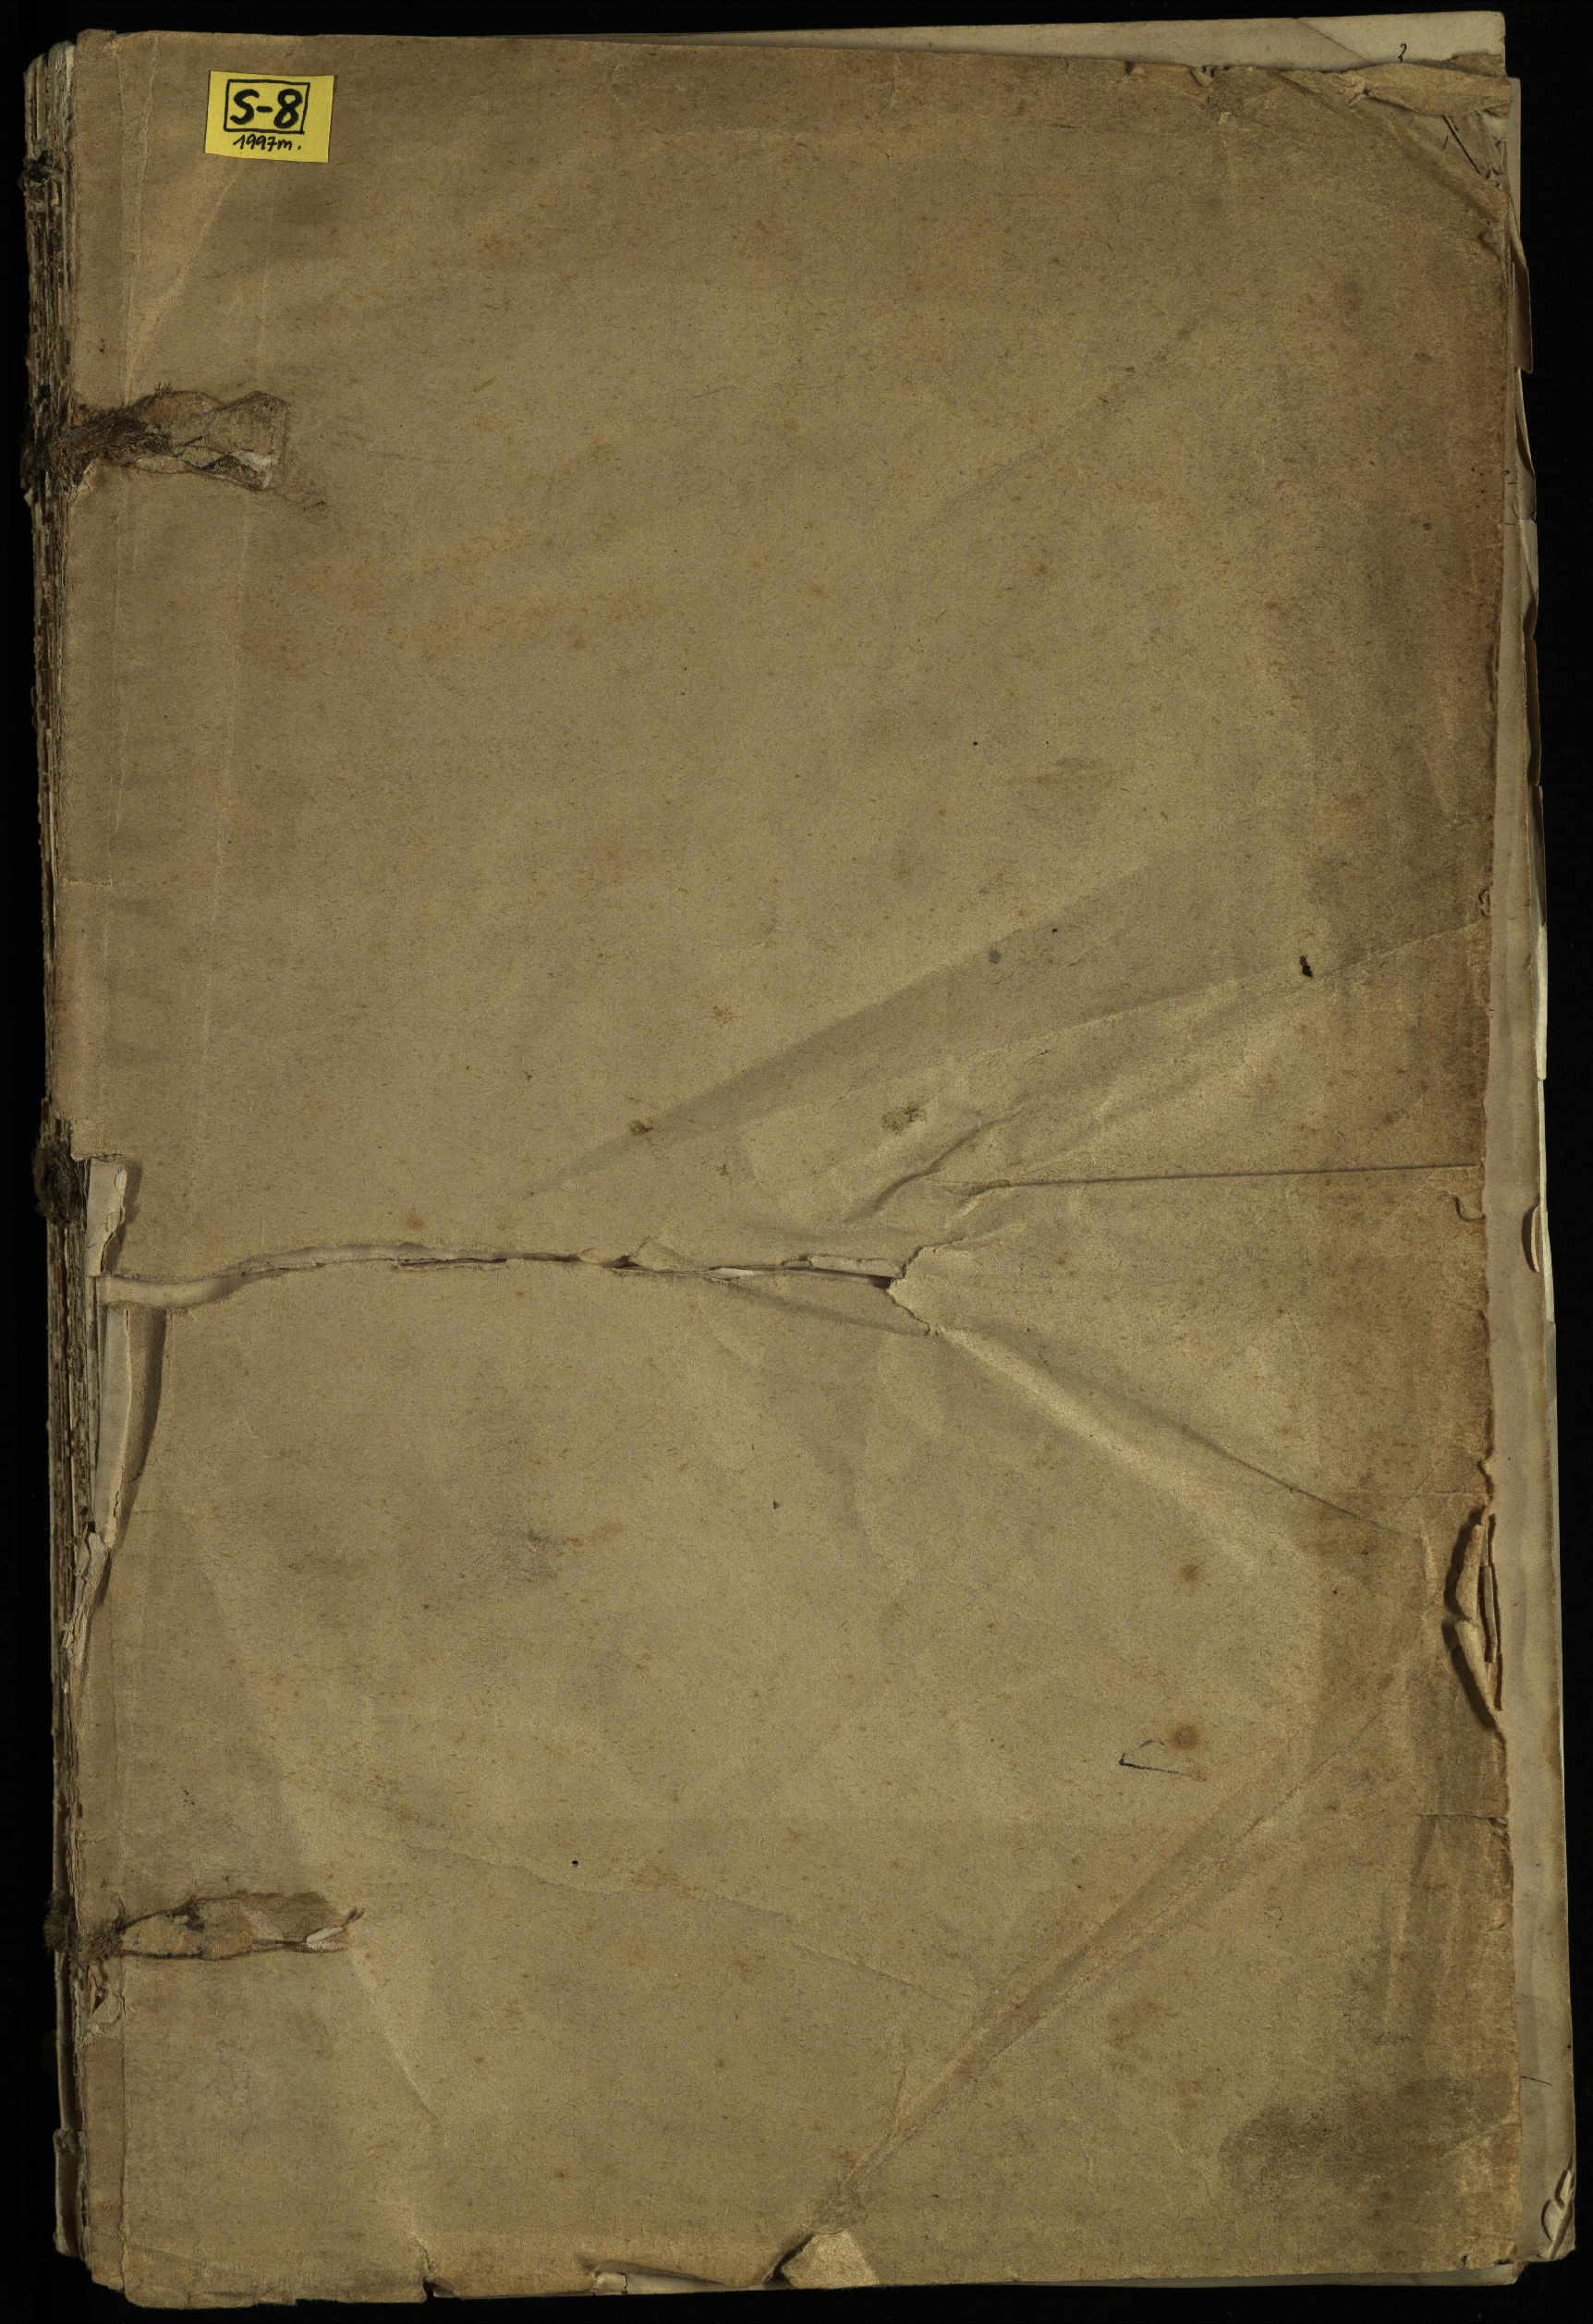 Pušaloto Romos katalikų parapijos bažnyčios 1904–1917 metų priešjungtuvinės apklausos knyga